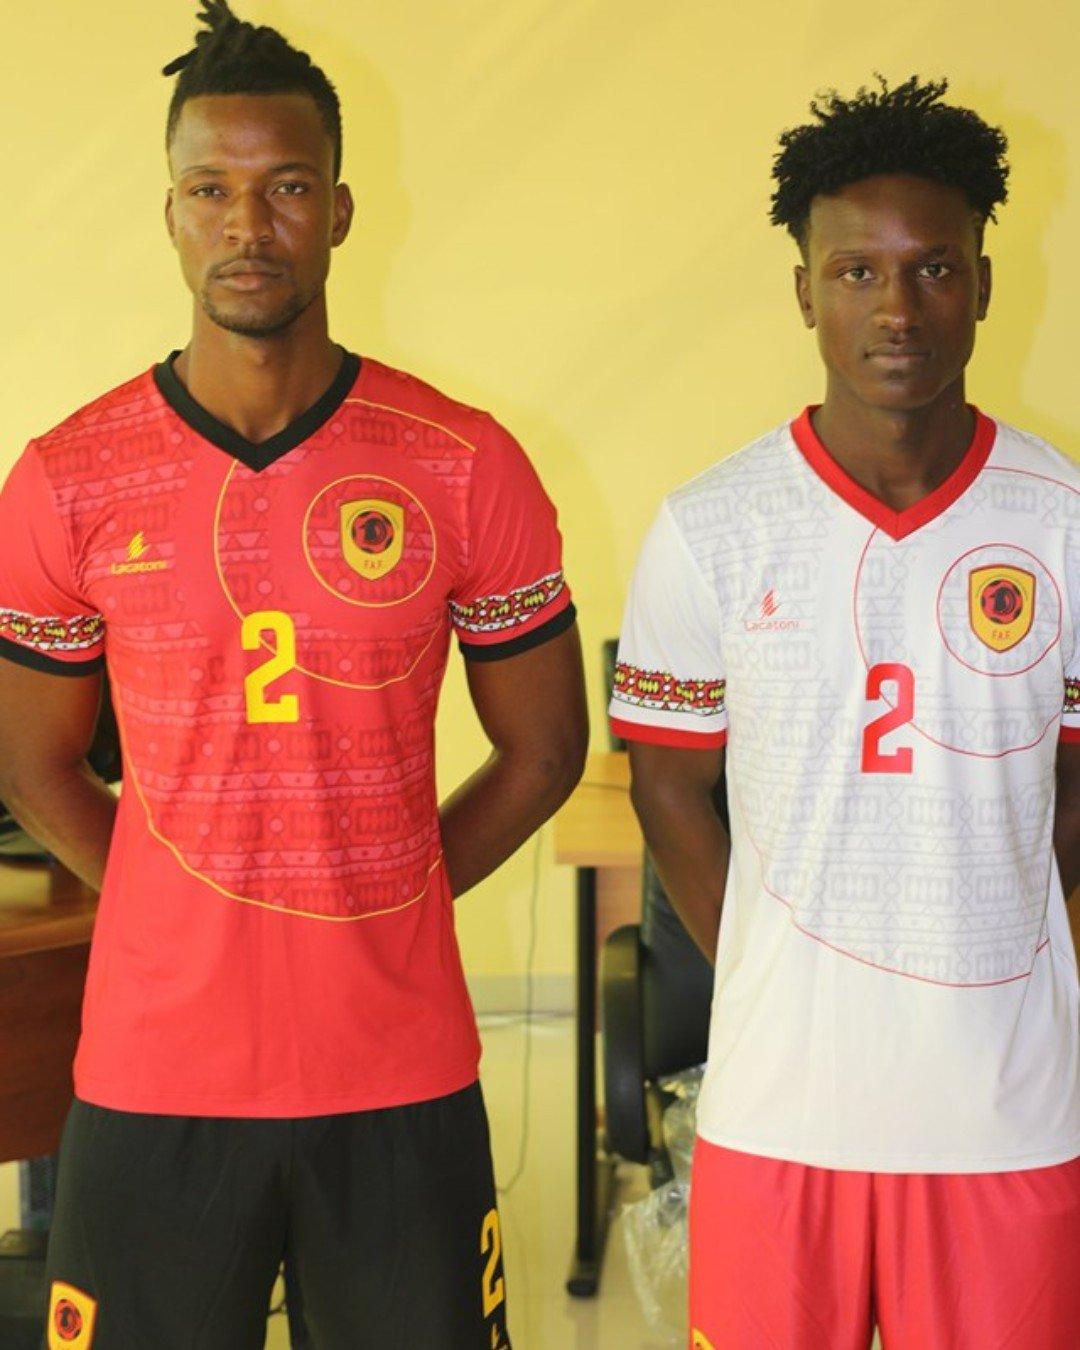 诡异画风!安哥拉非洲杯球衣印有圆圈和奥秘图案